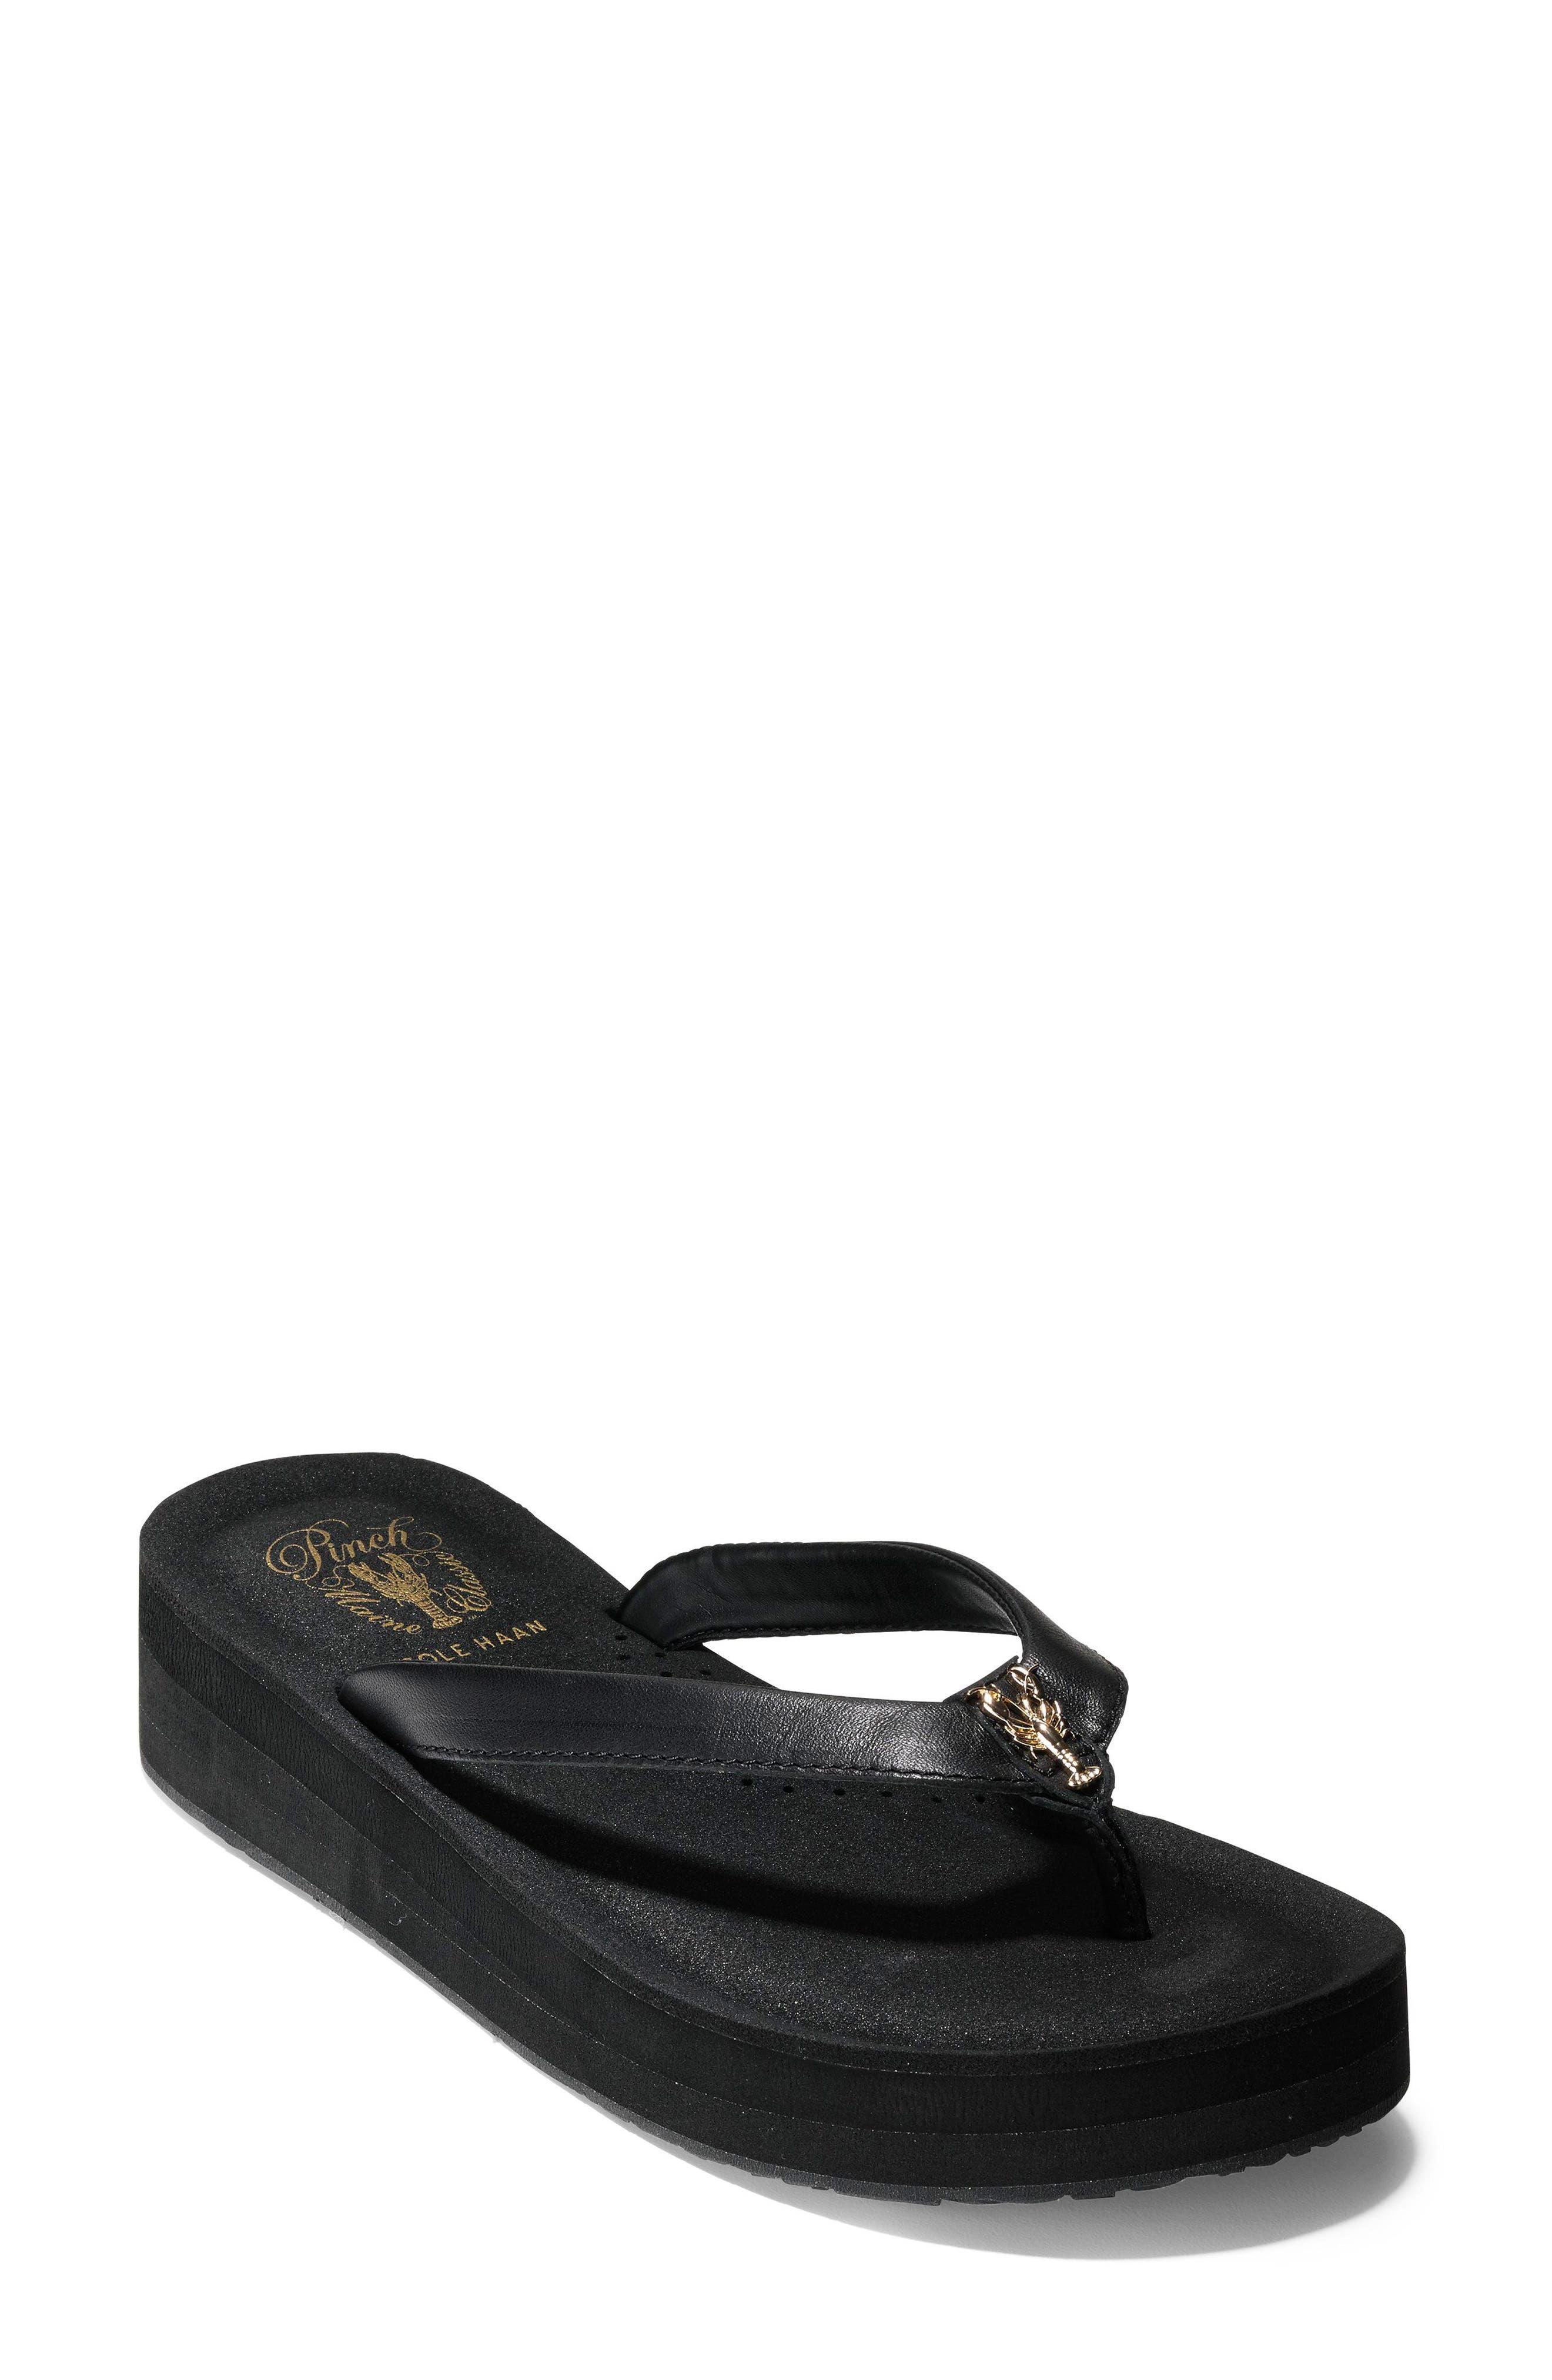 Lobster Wedge Flip Flop,                         Main,                         color, Black Leather